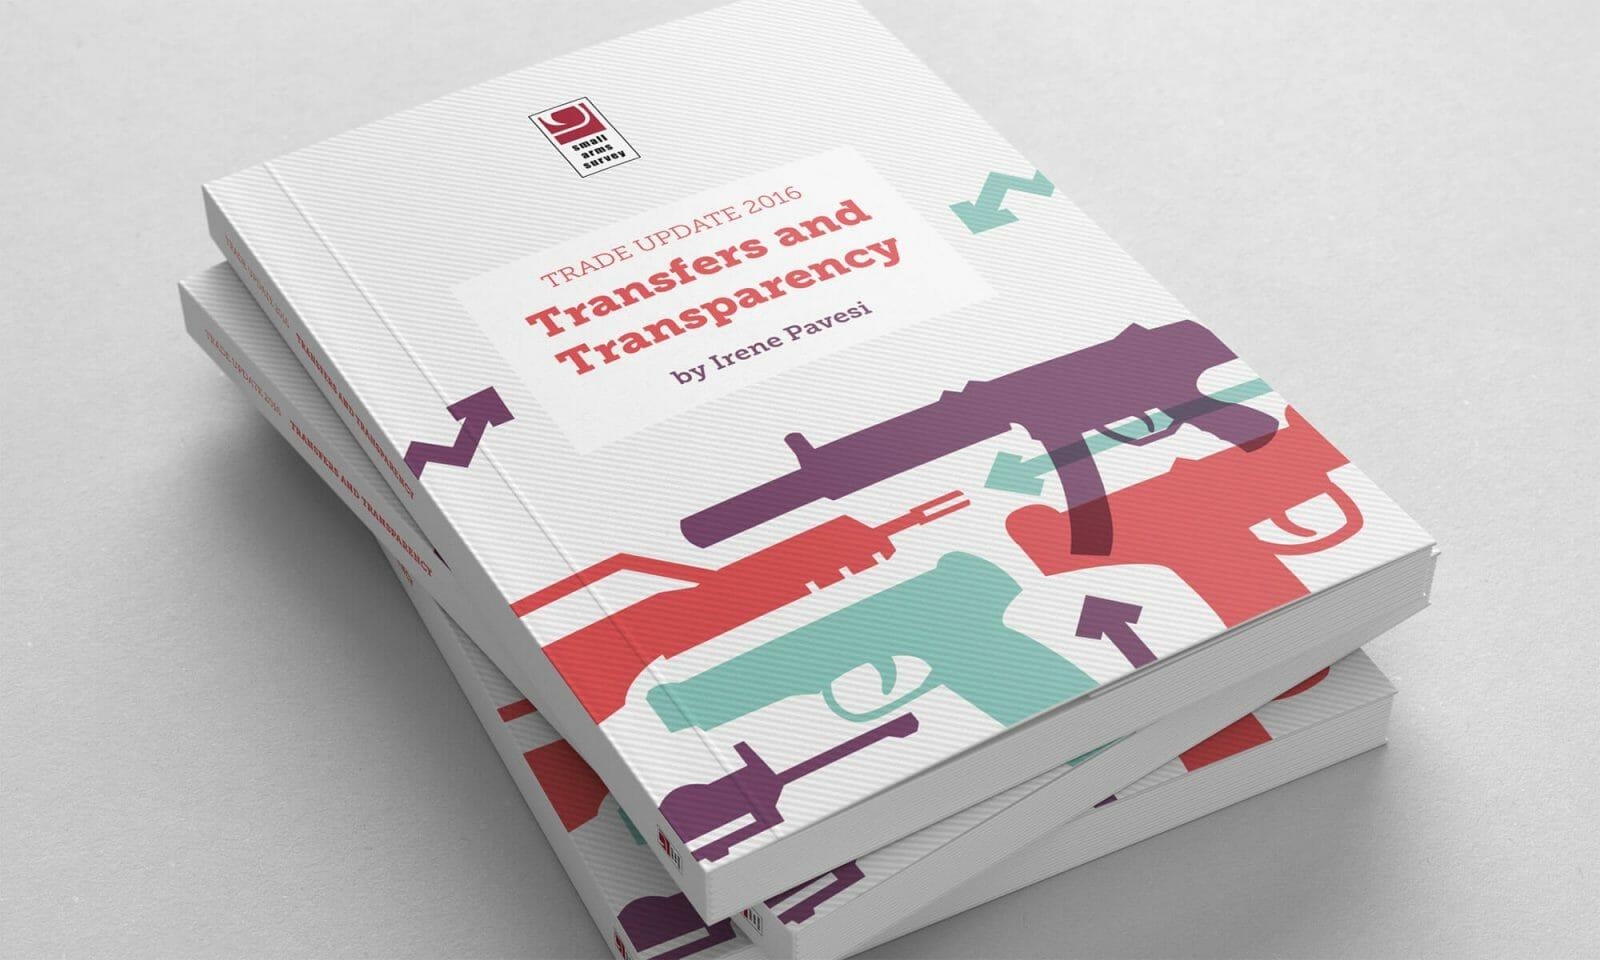 SAS transfers and transparency